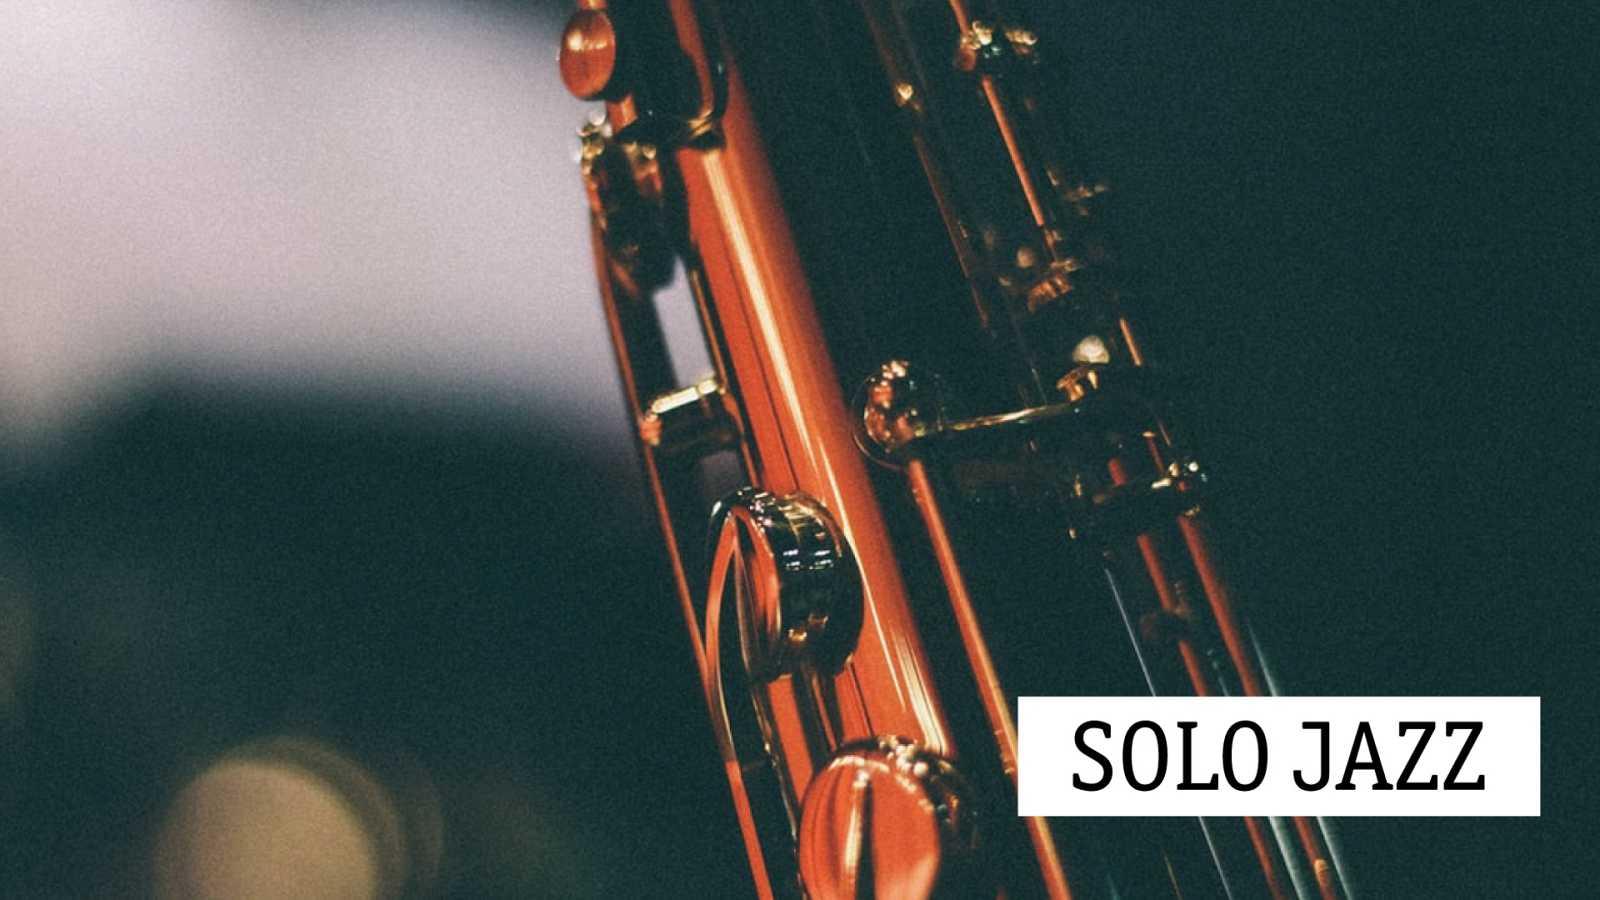 Solo jazz - Blues de hoy y de siempre - 21/04/21 - escuchar ahora